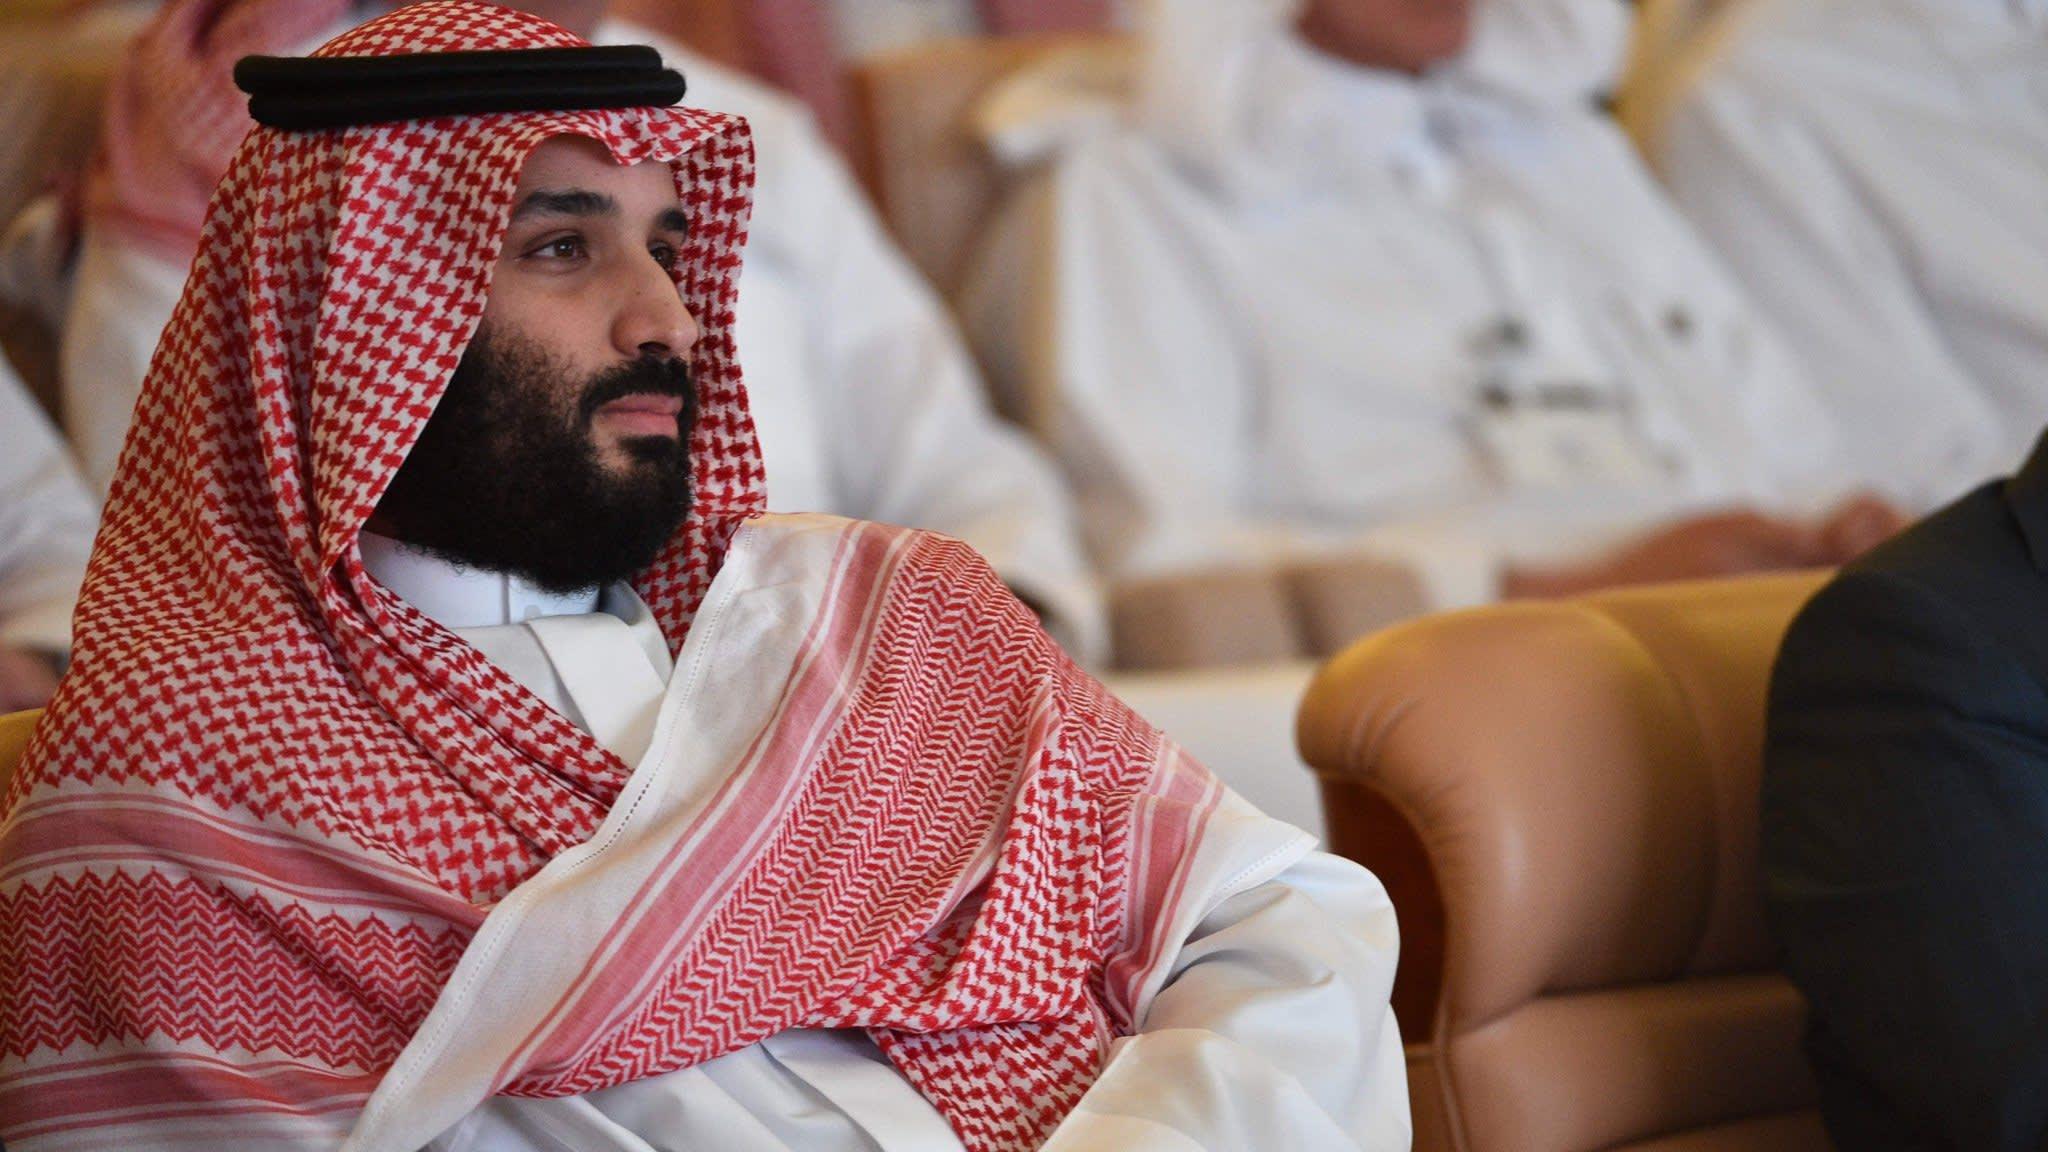 Saudi rulers face loss of faith at home over Khashoggi